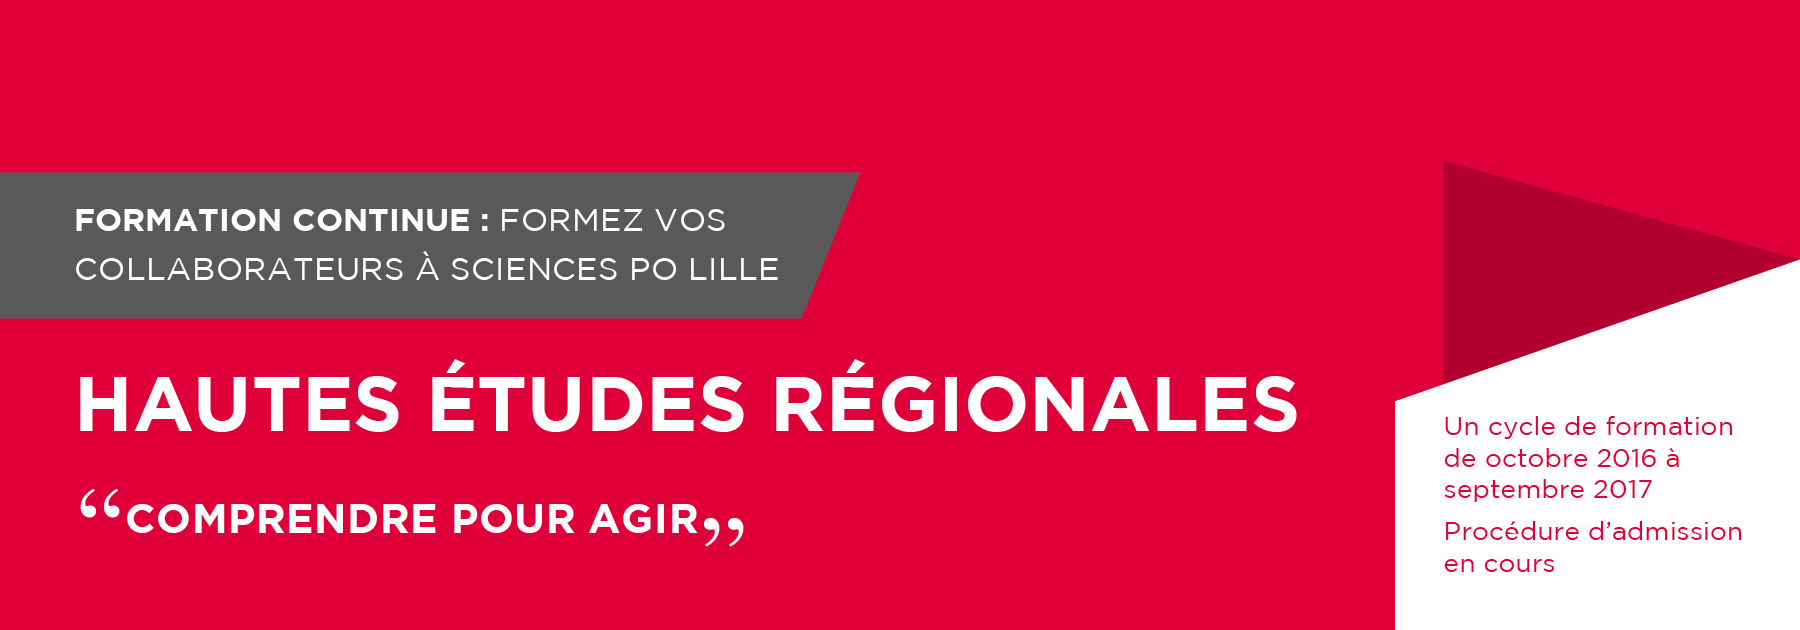 Hautes Etudes Régionales